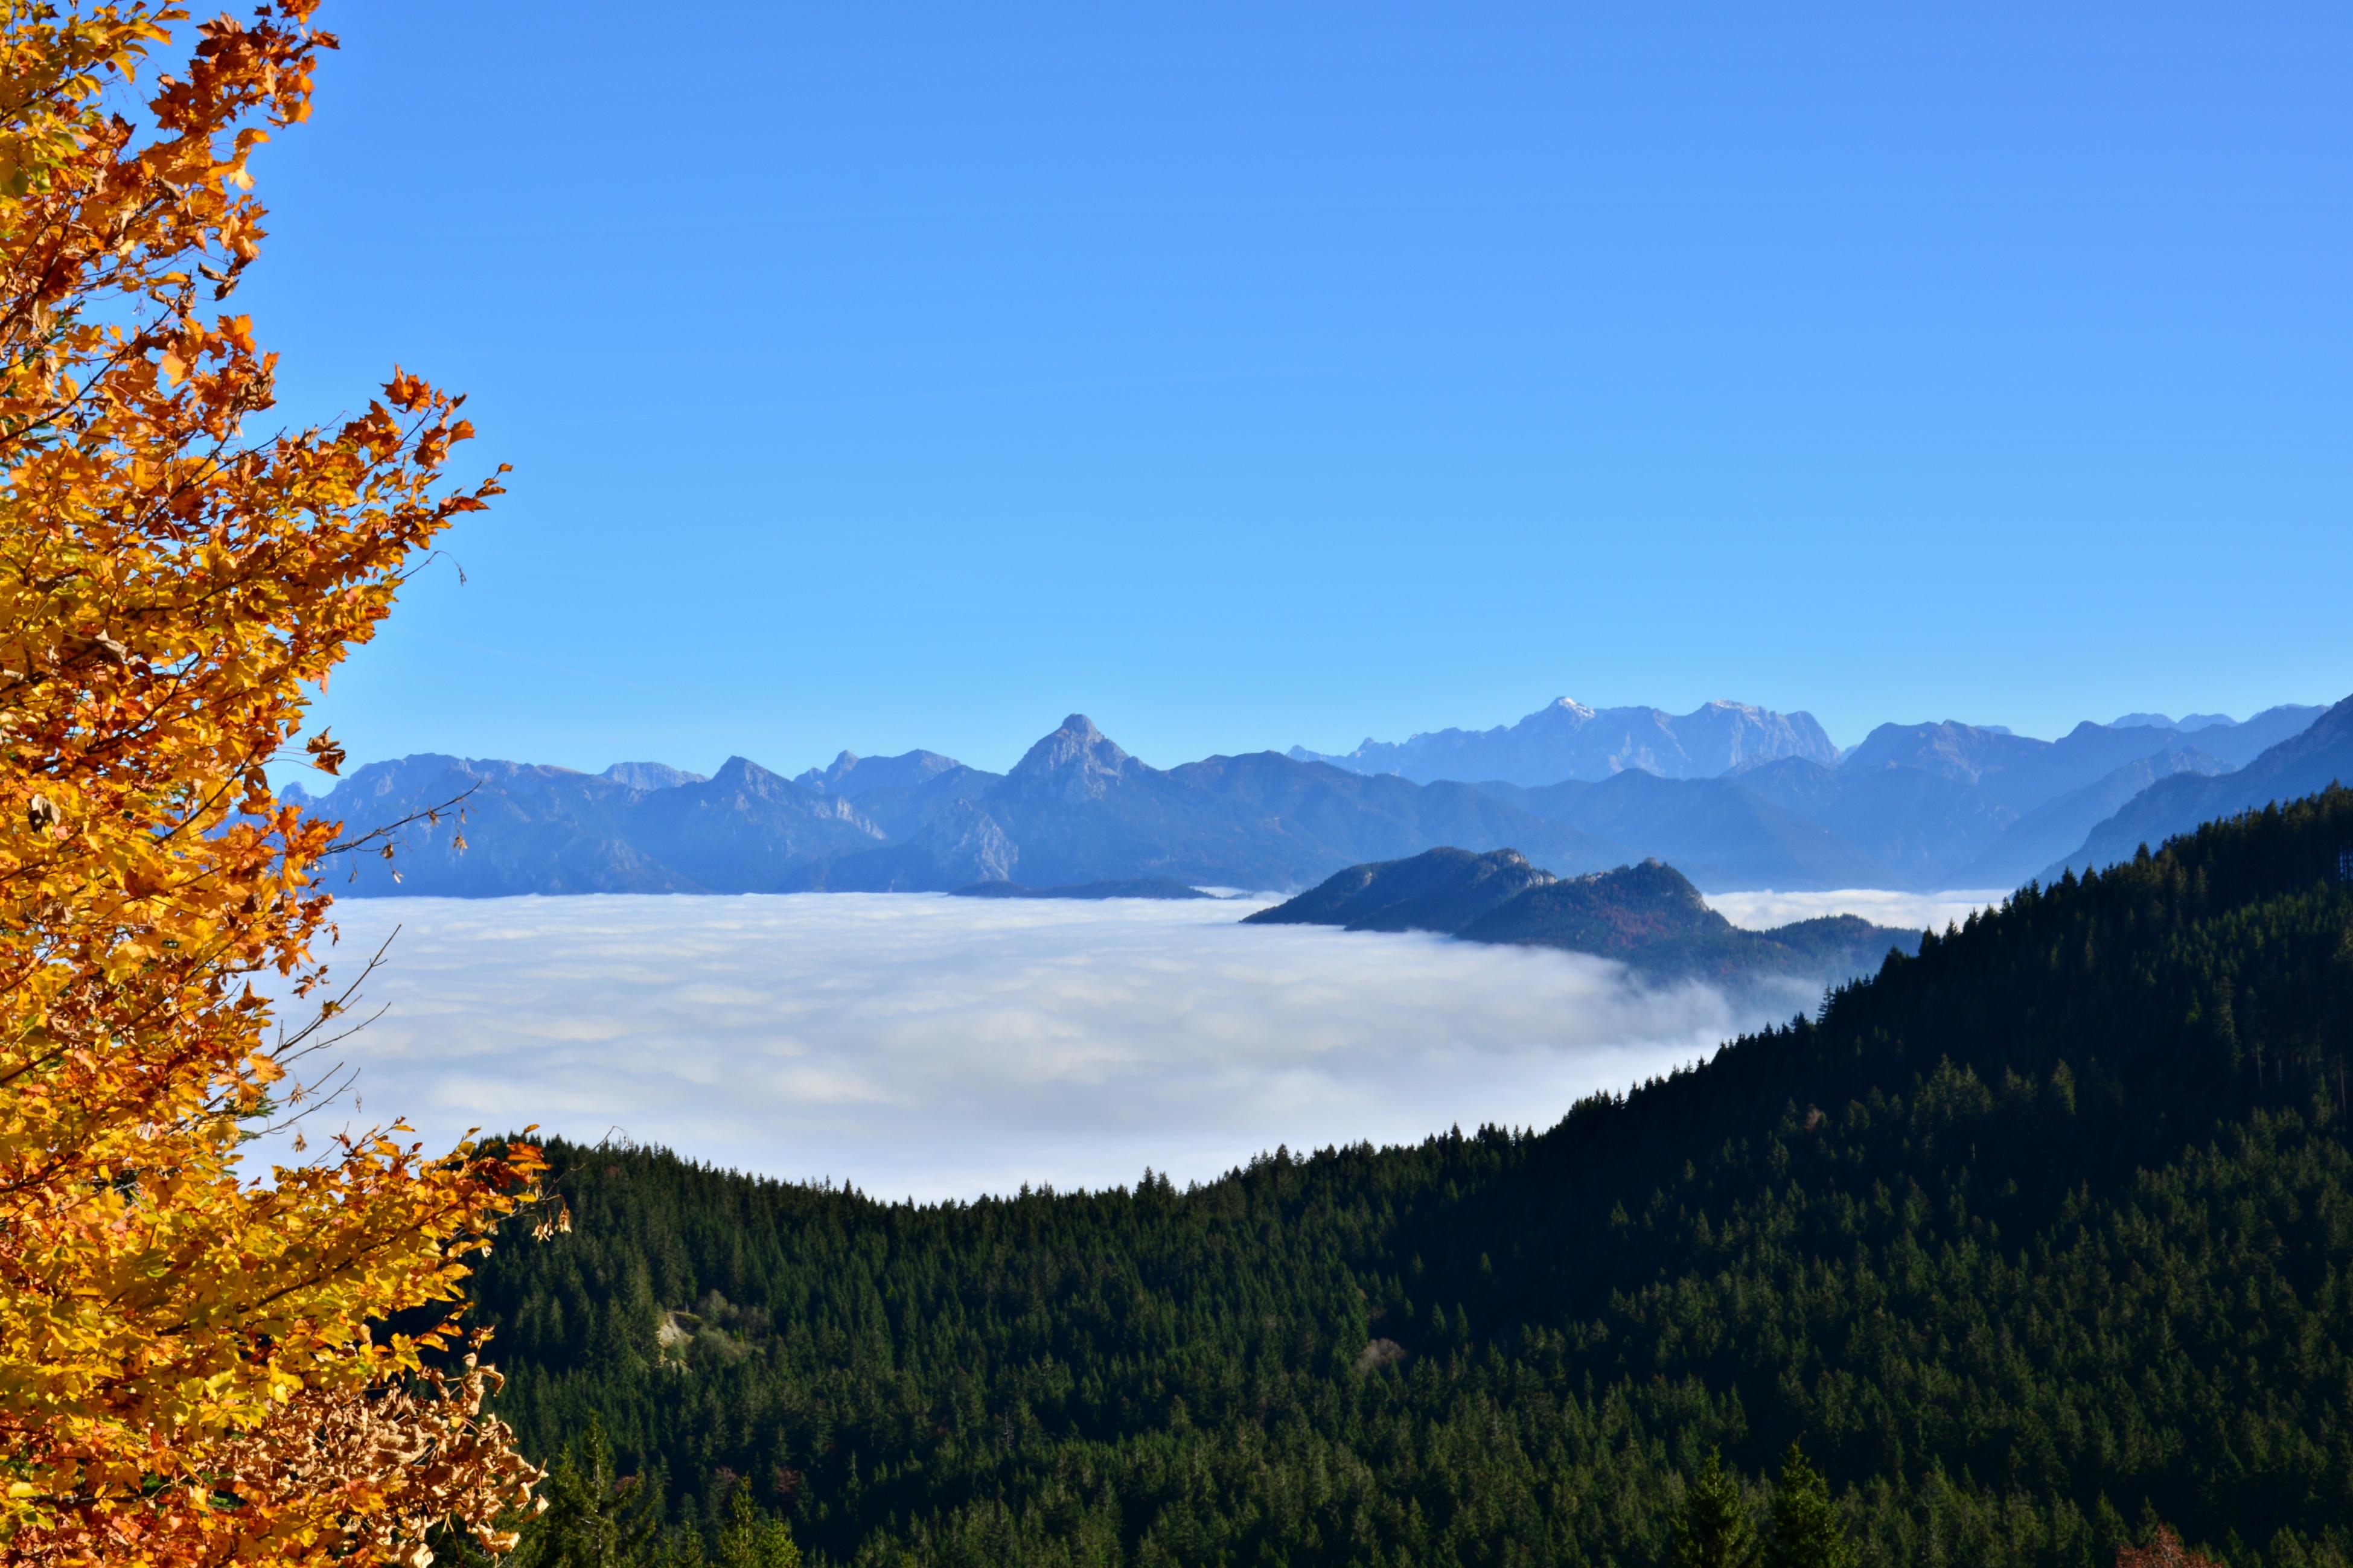 A0163 herbstlicher Blick vom Edelsberg auf das Wolkenmeer im Tal.jpg